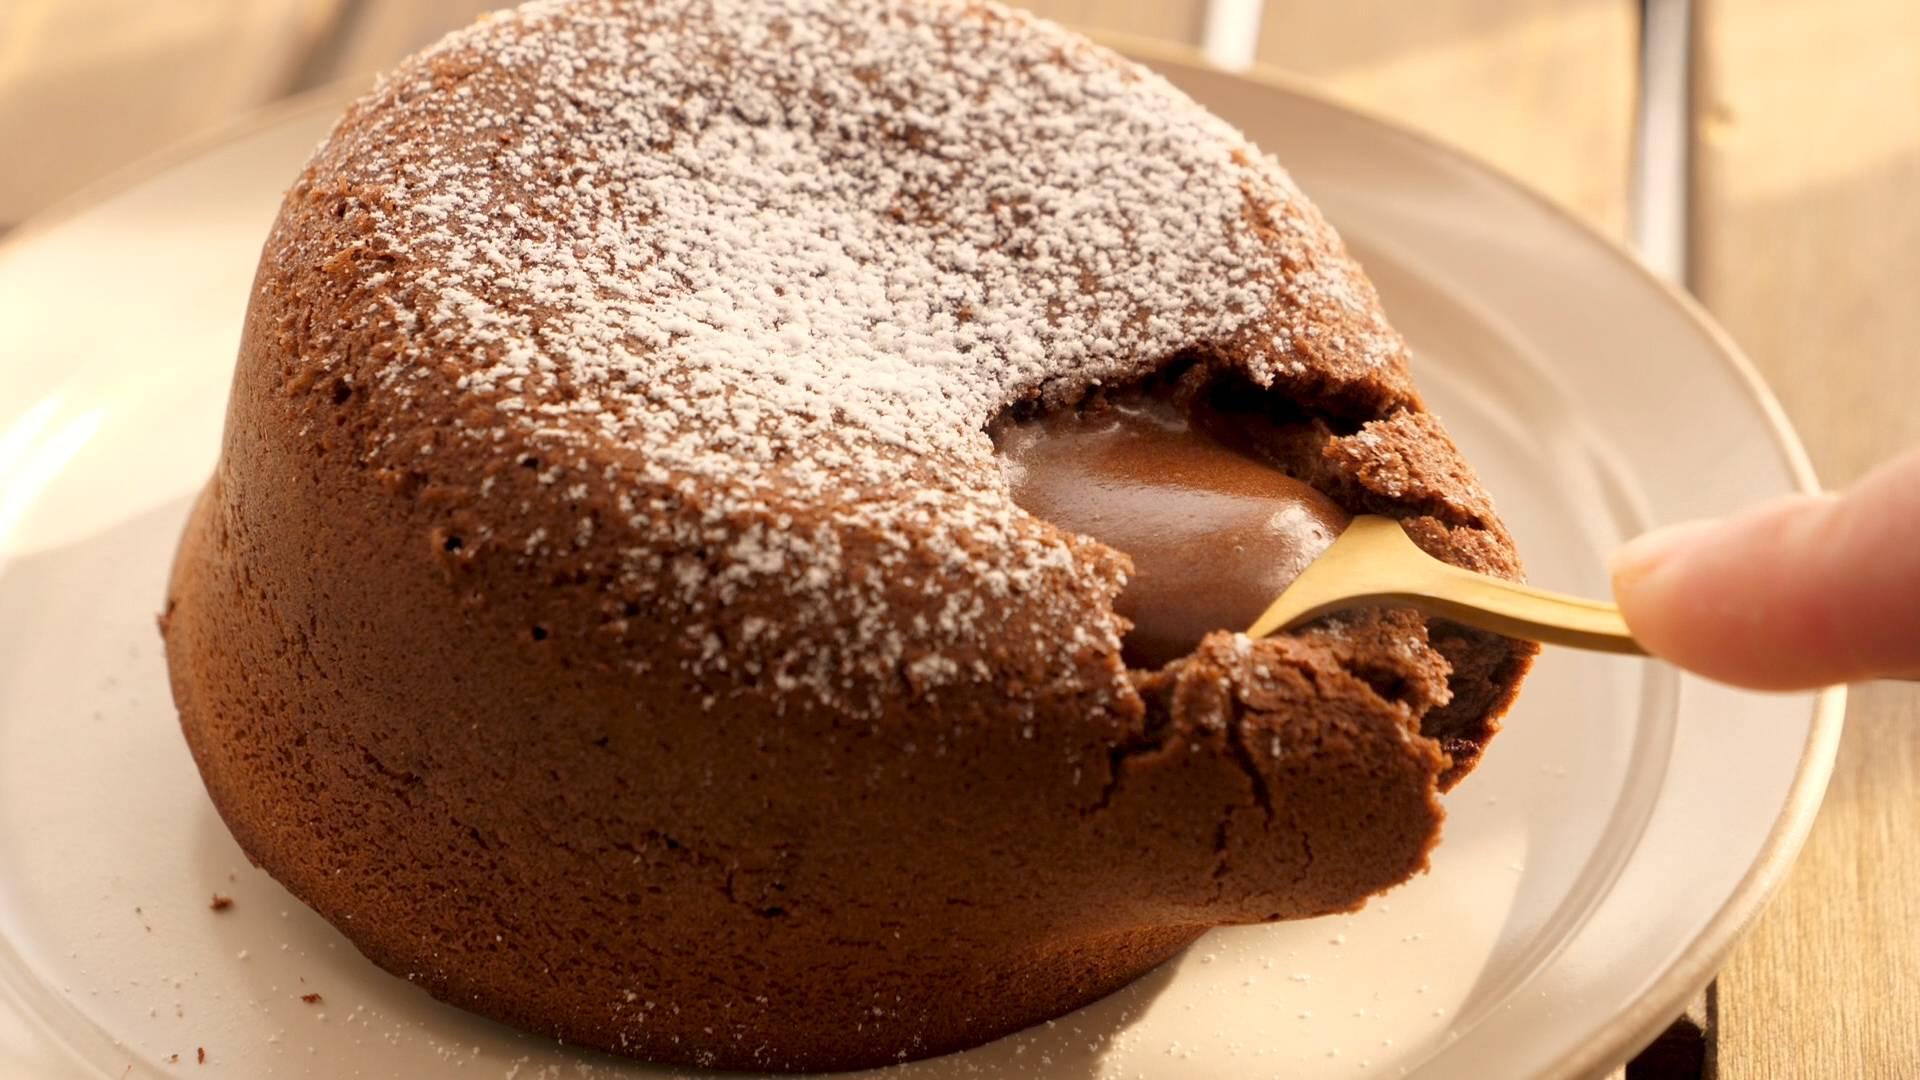 教你自制巧克力流心蛋糕,一勺下去,巧克力就流出来了,太爽了